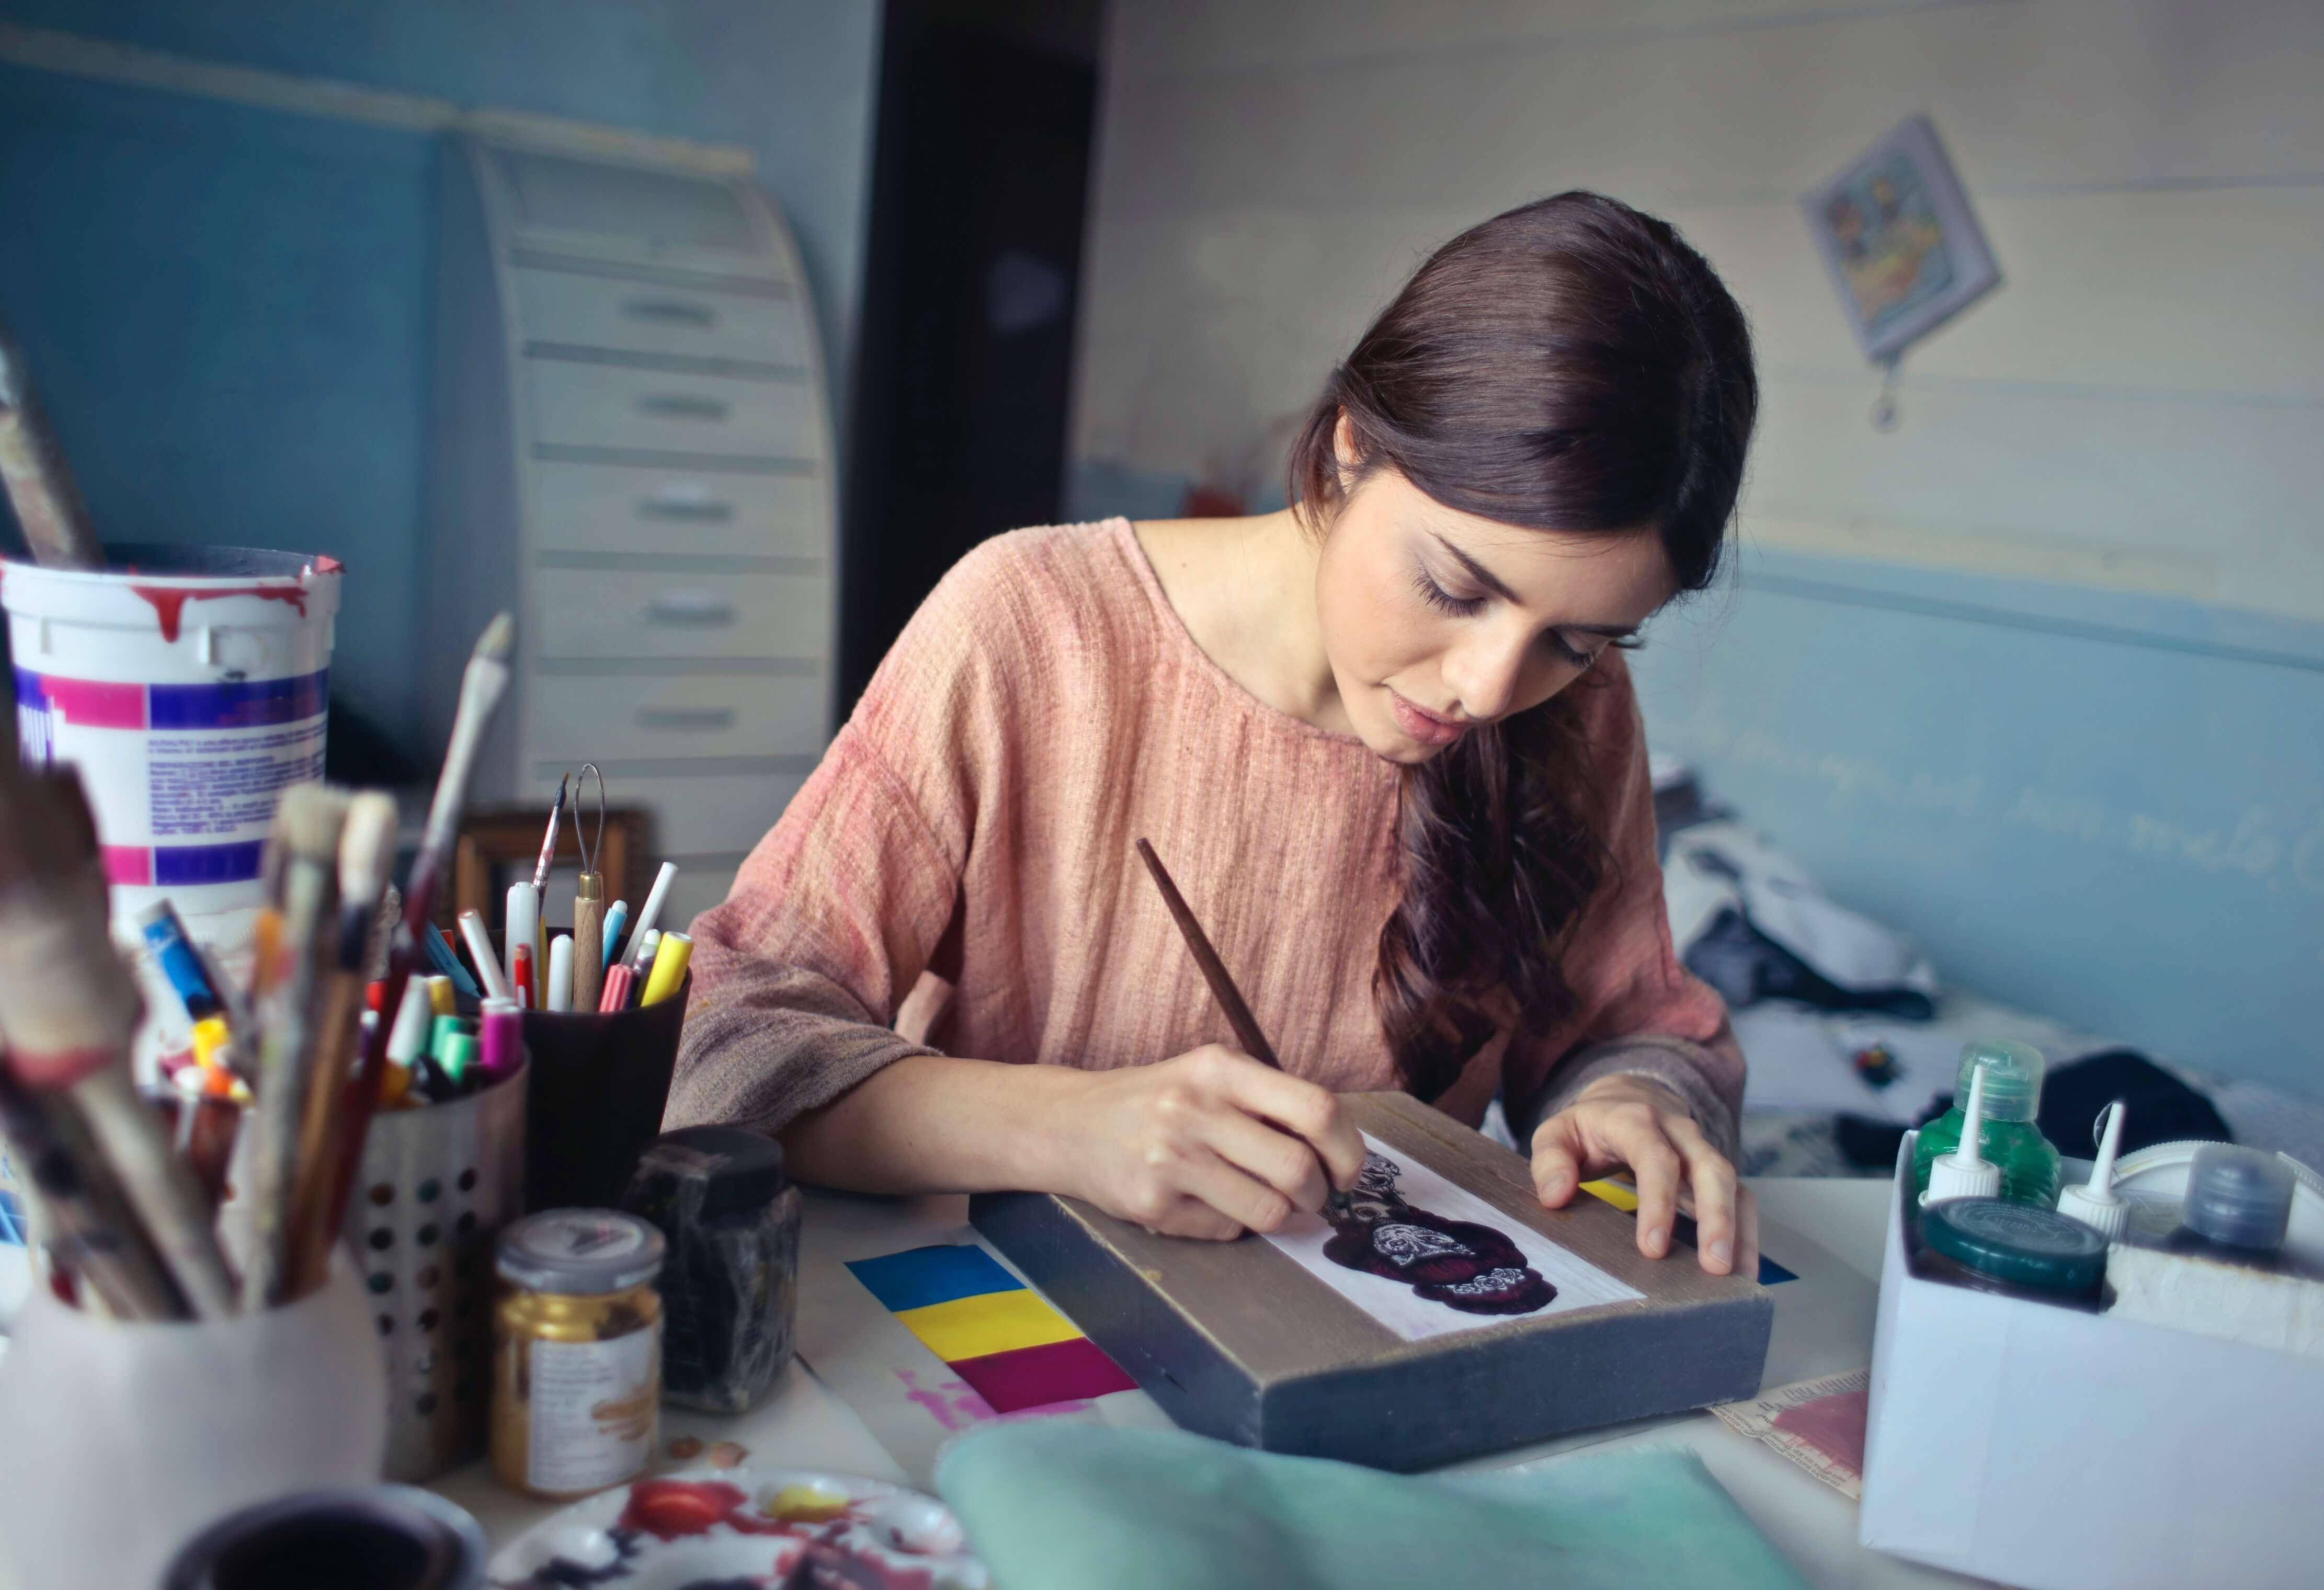 Extracurricular - Art College Consultants NJ